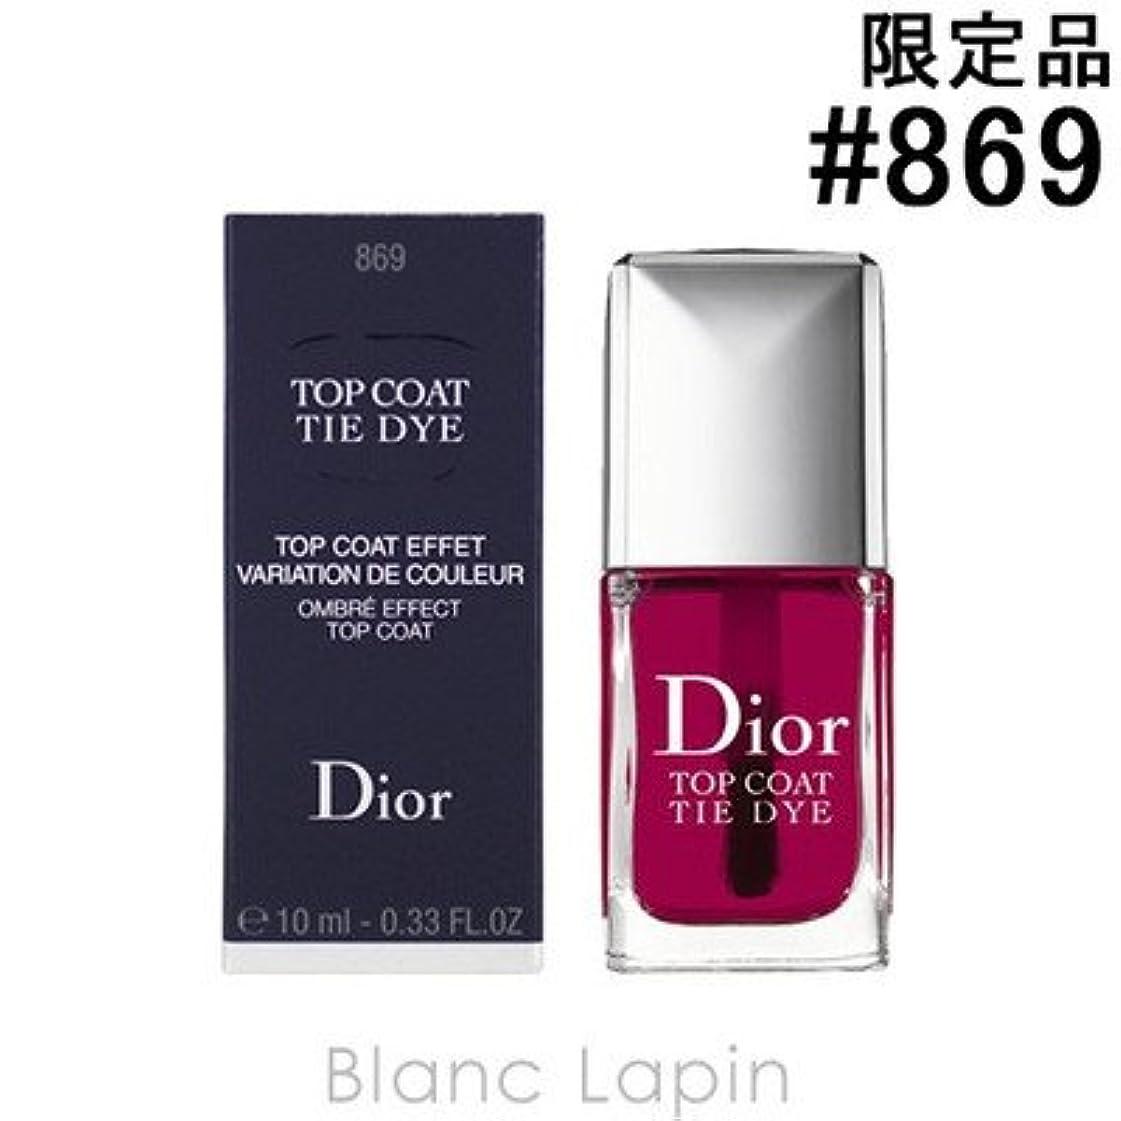 スリル作動する突然Dior トップコートタイダイ #869 / 10ml [260138] [並行輸入品]